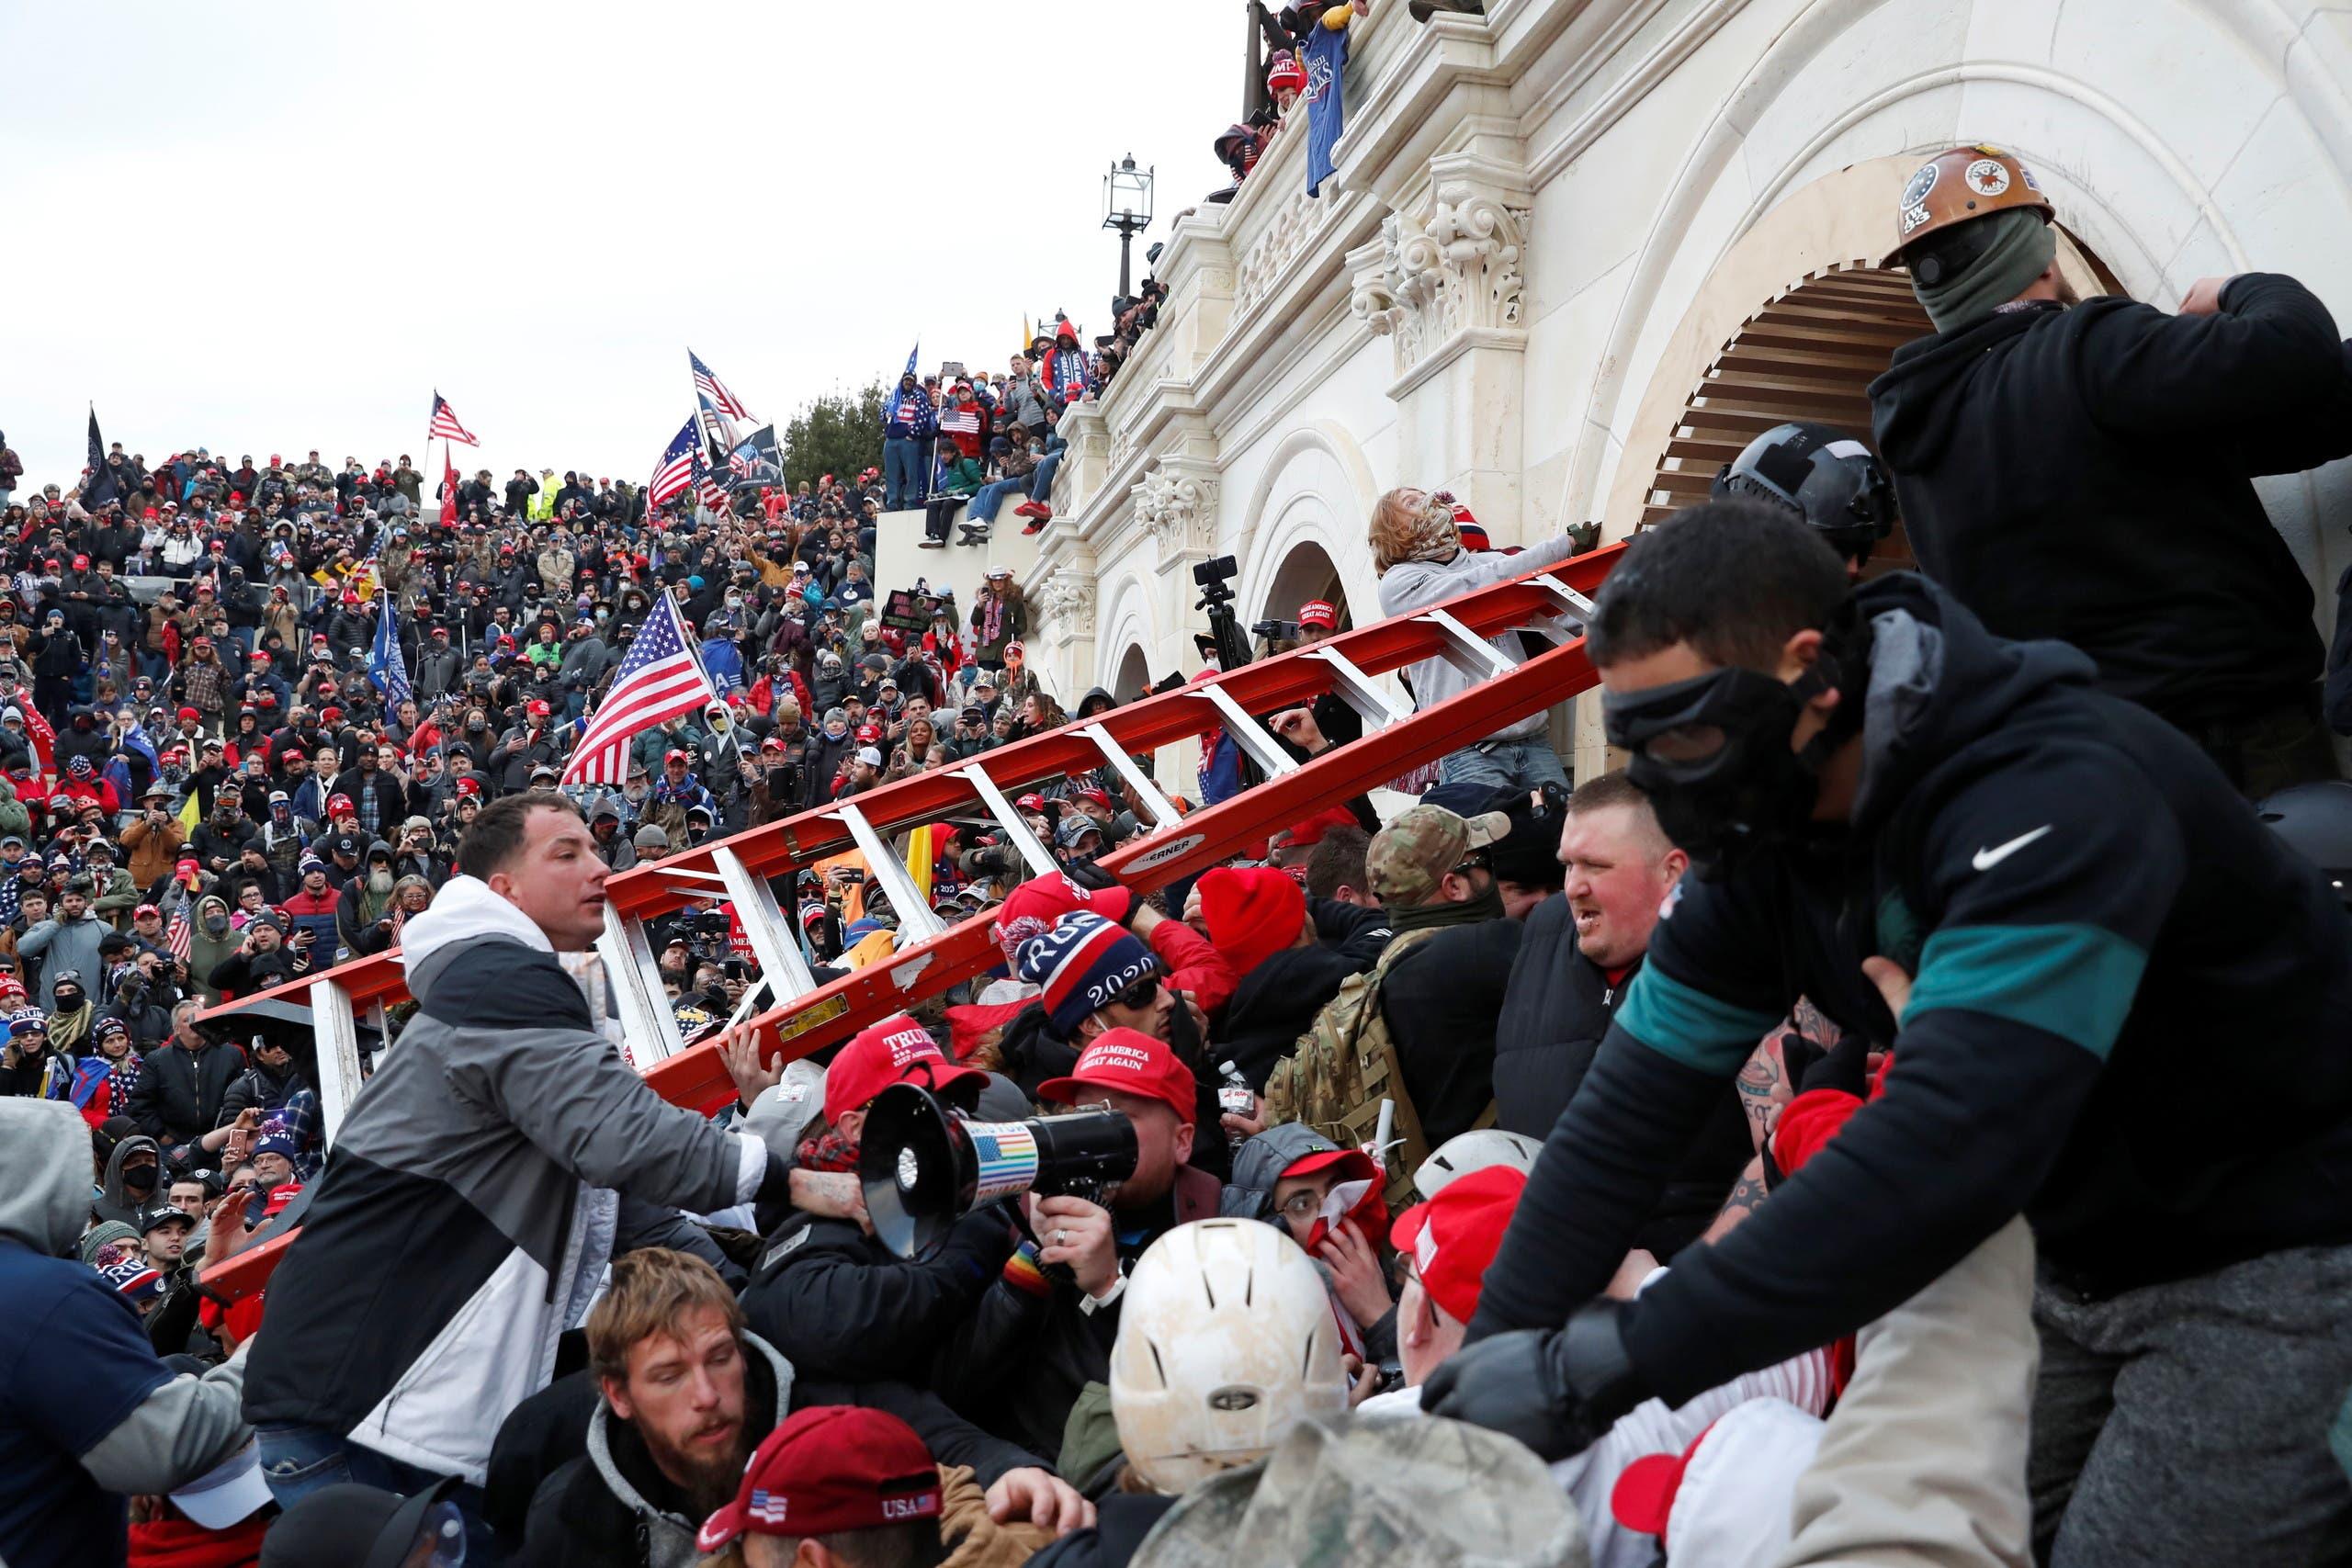 أنصار ترمب اقتحموا مبنى الكابيتول يوم 6 يناير